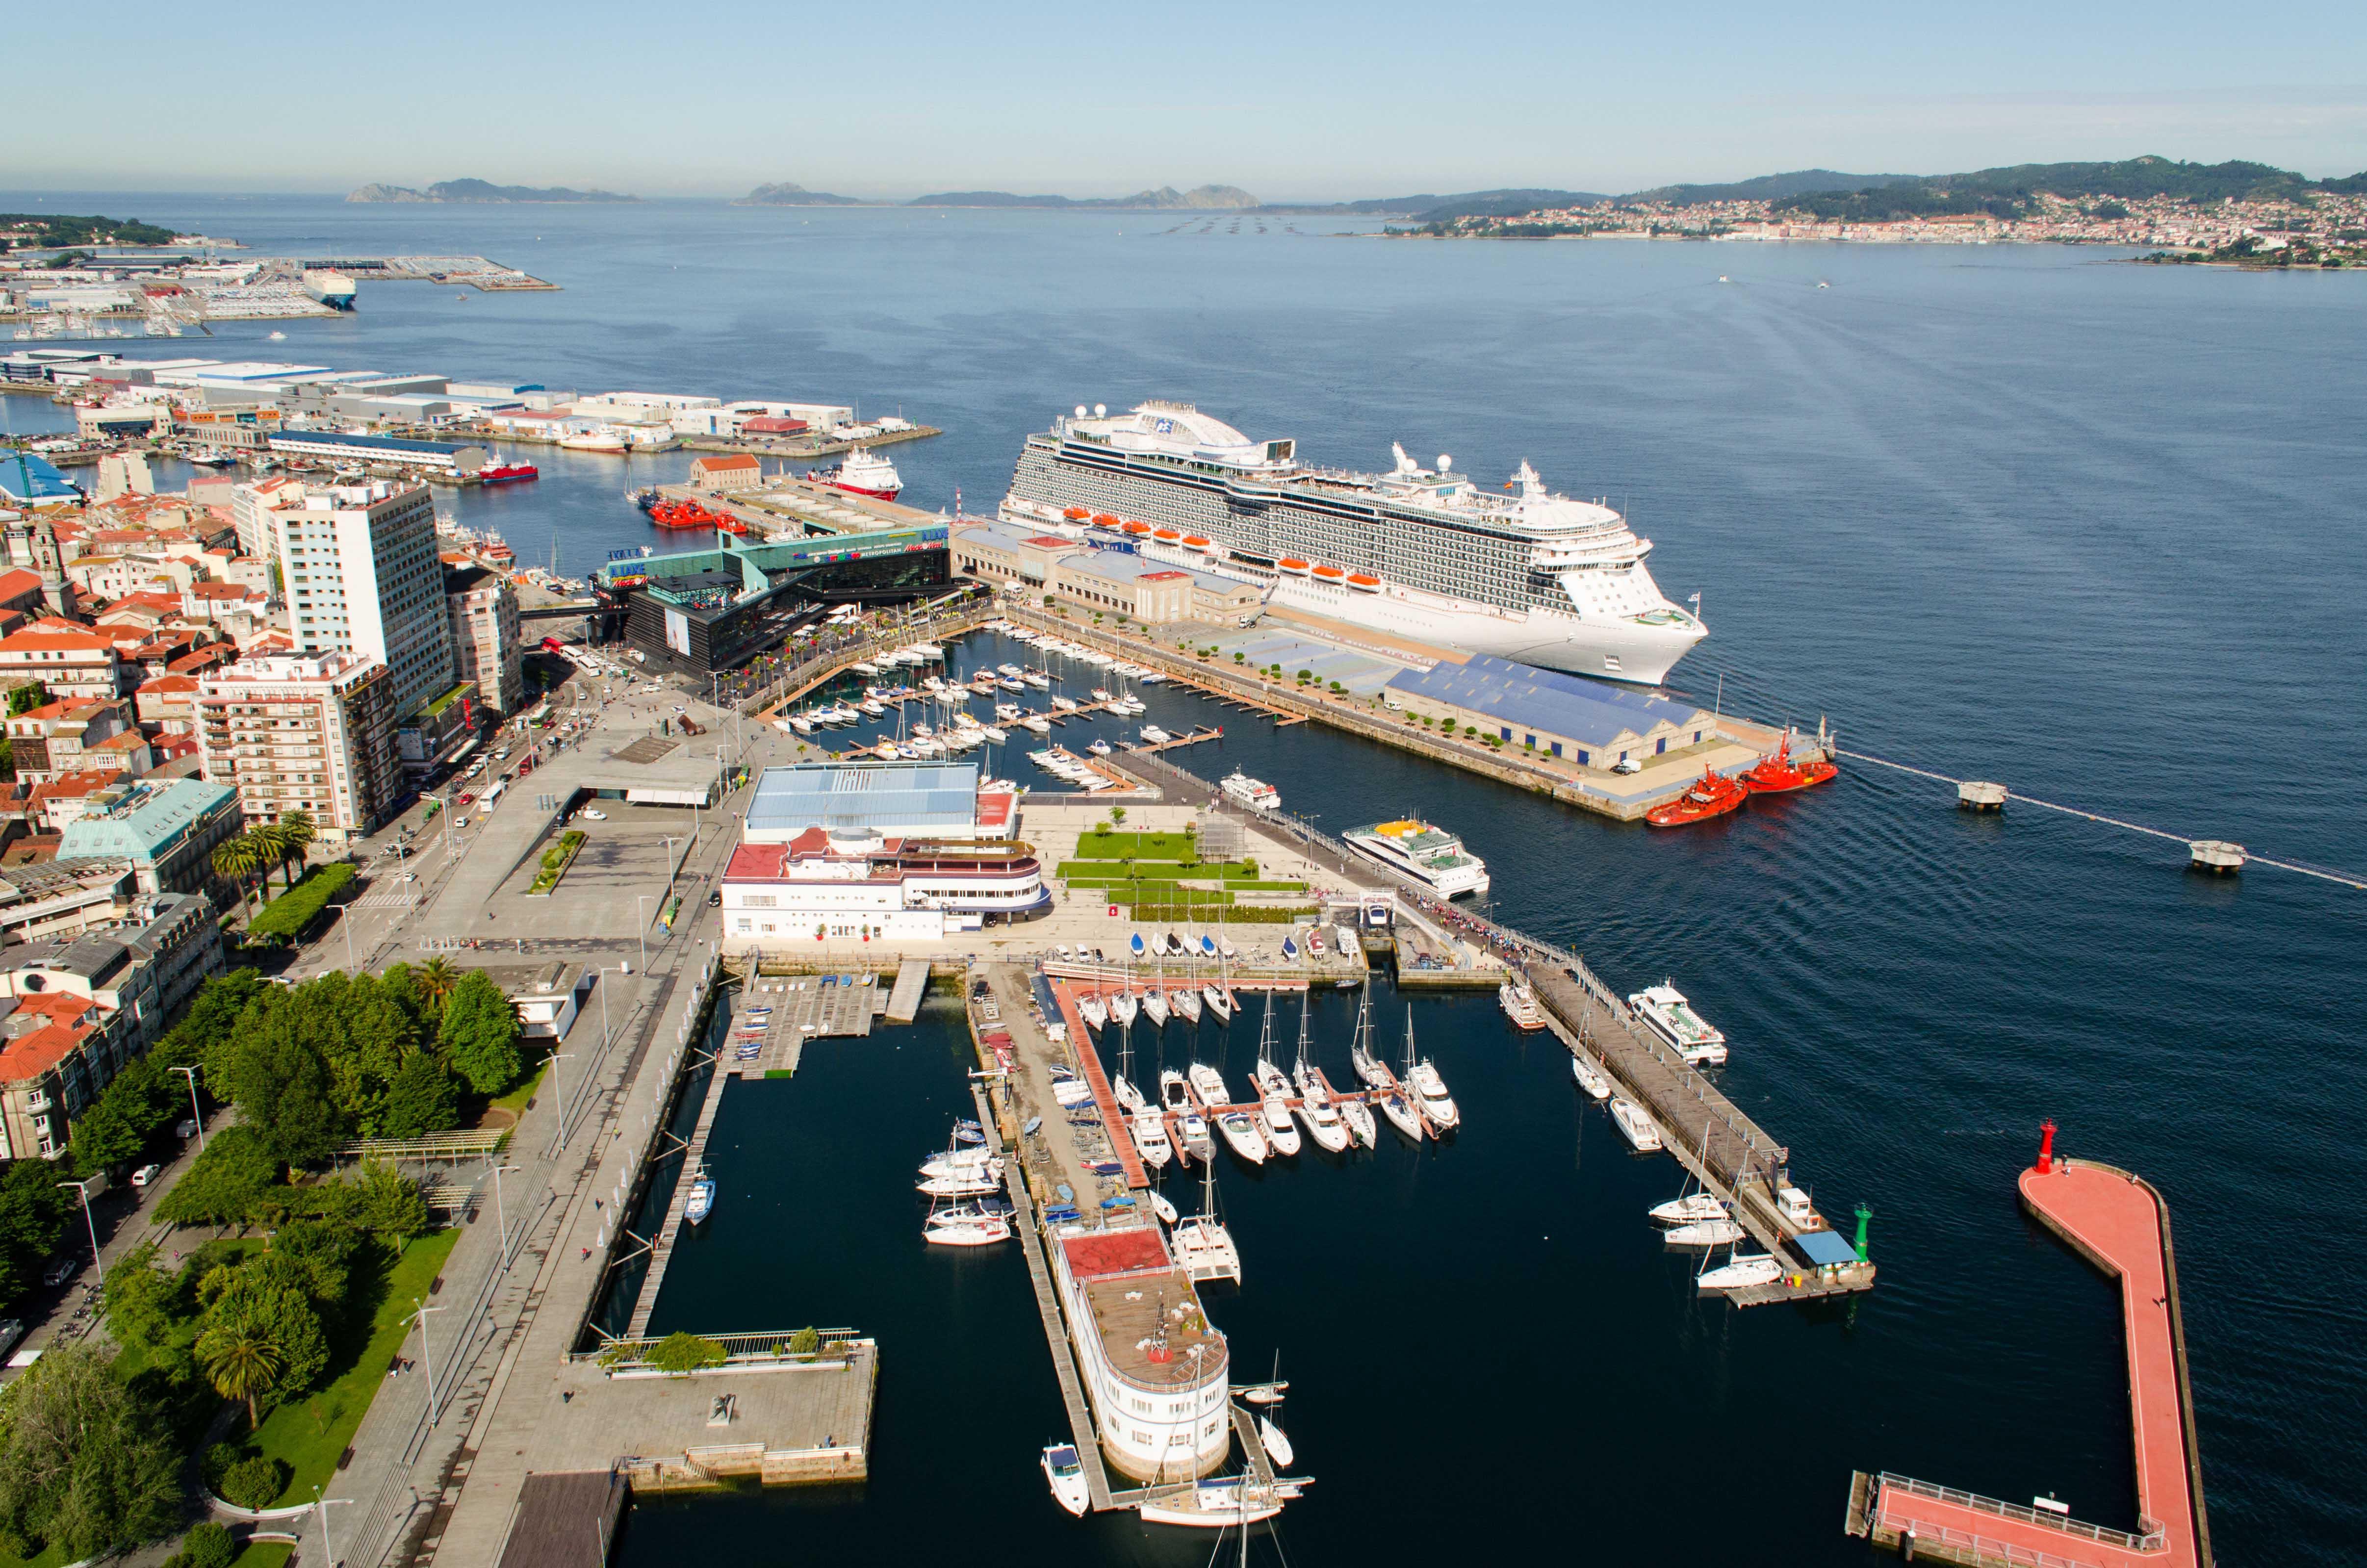 El puerto de vigo en la cruise shipping miami red social - Puerto de vigo cruceros ...